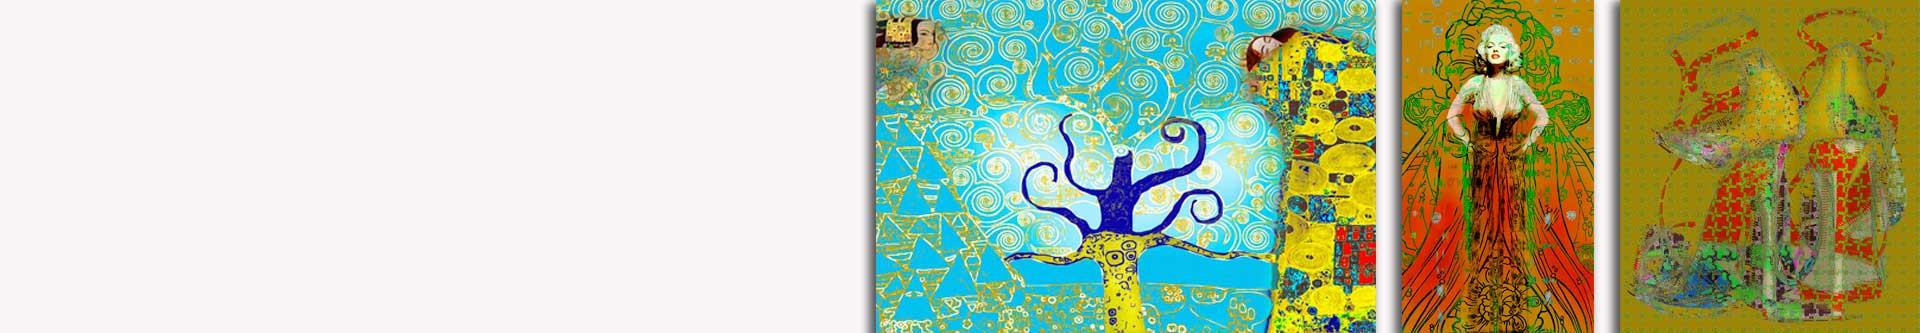 Styl art deco • obrazy art deco • grafikiobrazy.pl